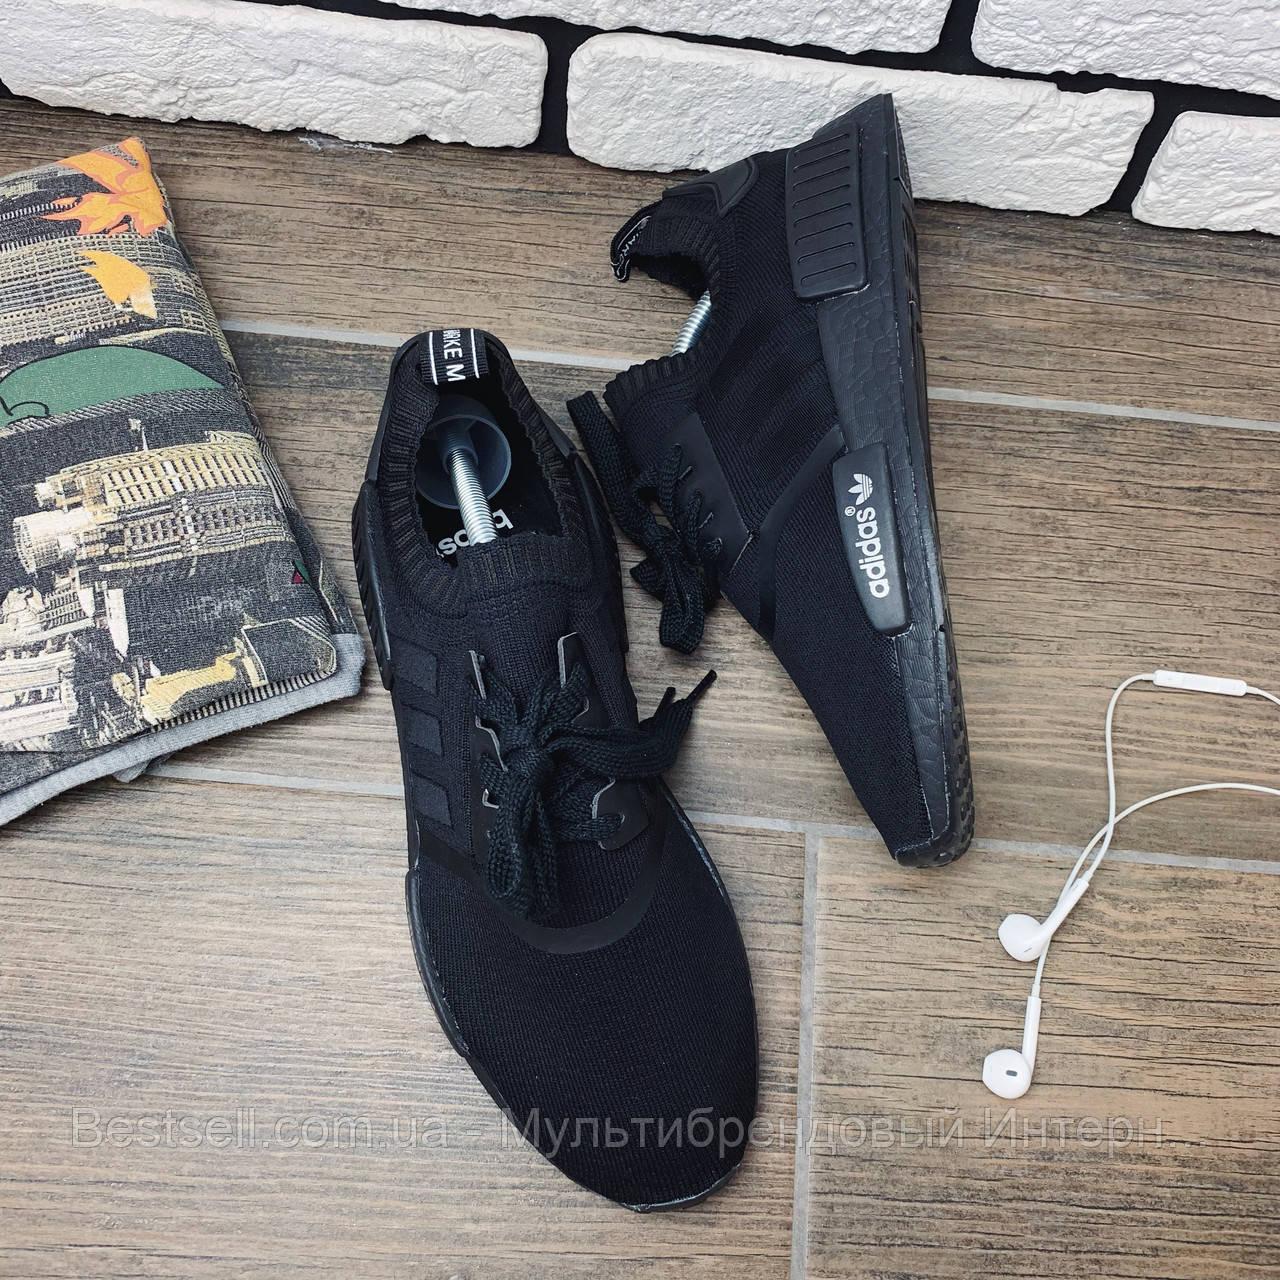 Кроссовки Adidas NMD Runner 30199 ⏩ [42 последний размер]